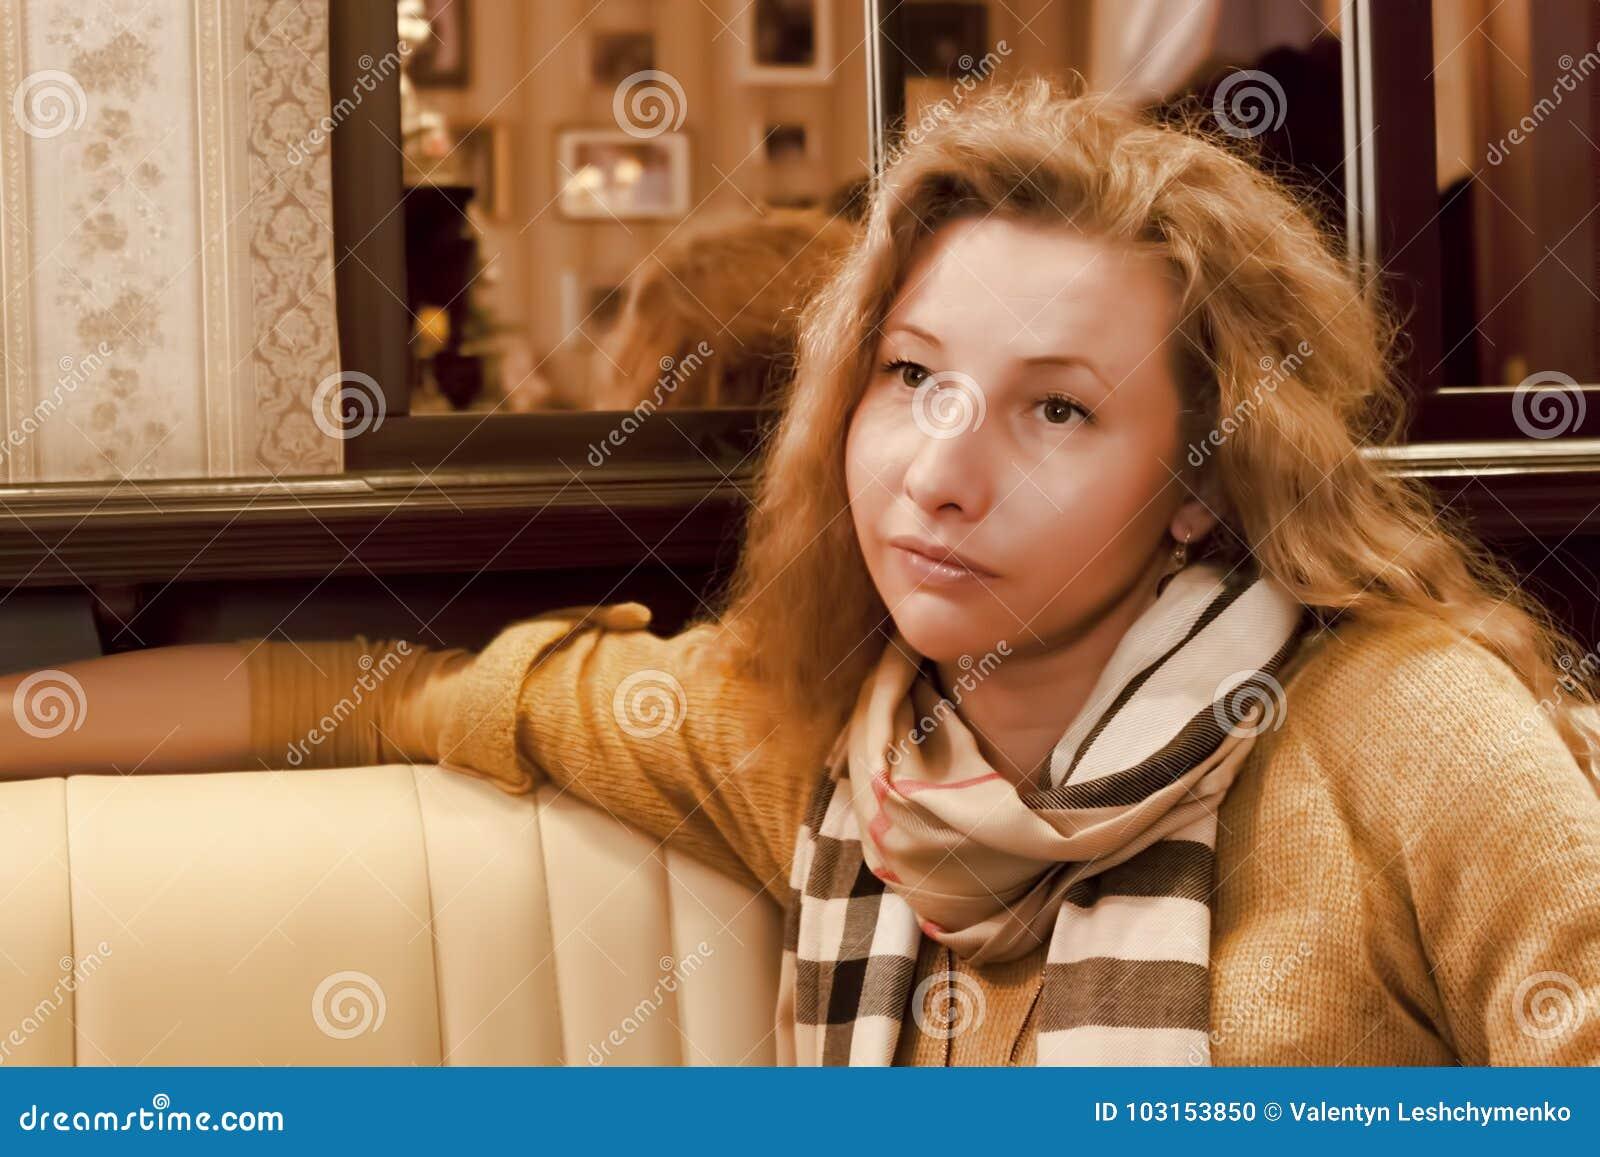 Νέα γυναίκα με την τρίχα της και μαντίλι γύρω από το λαιμό της